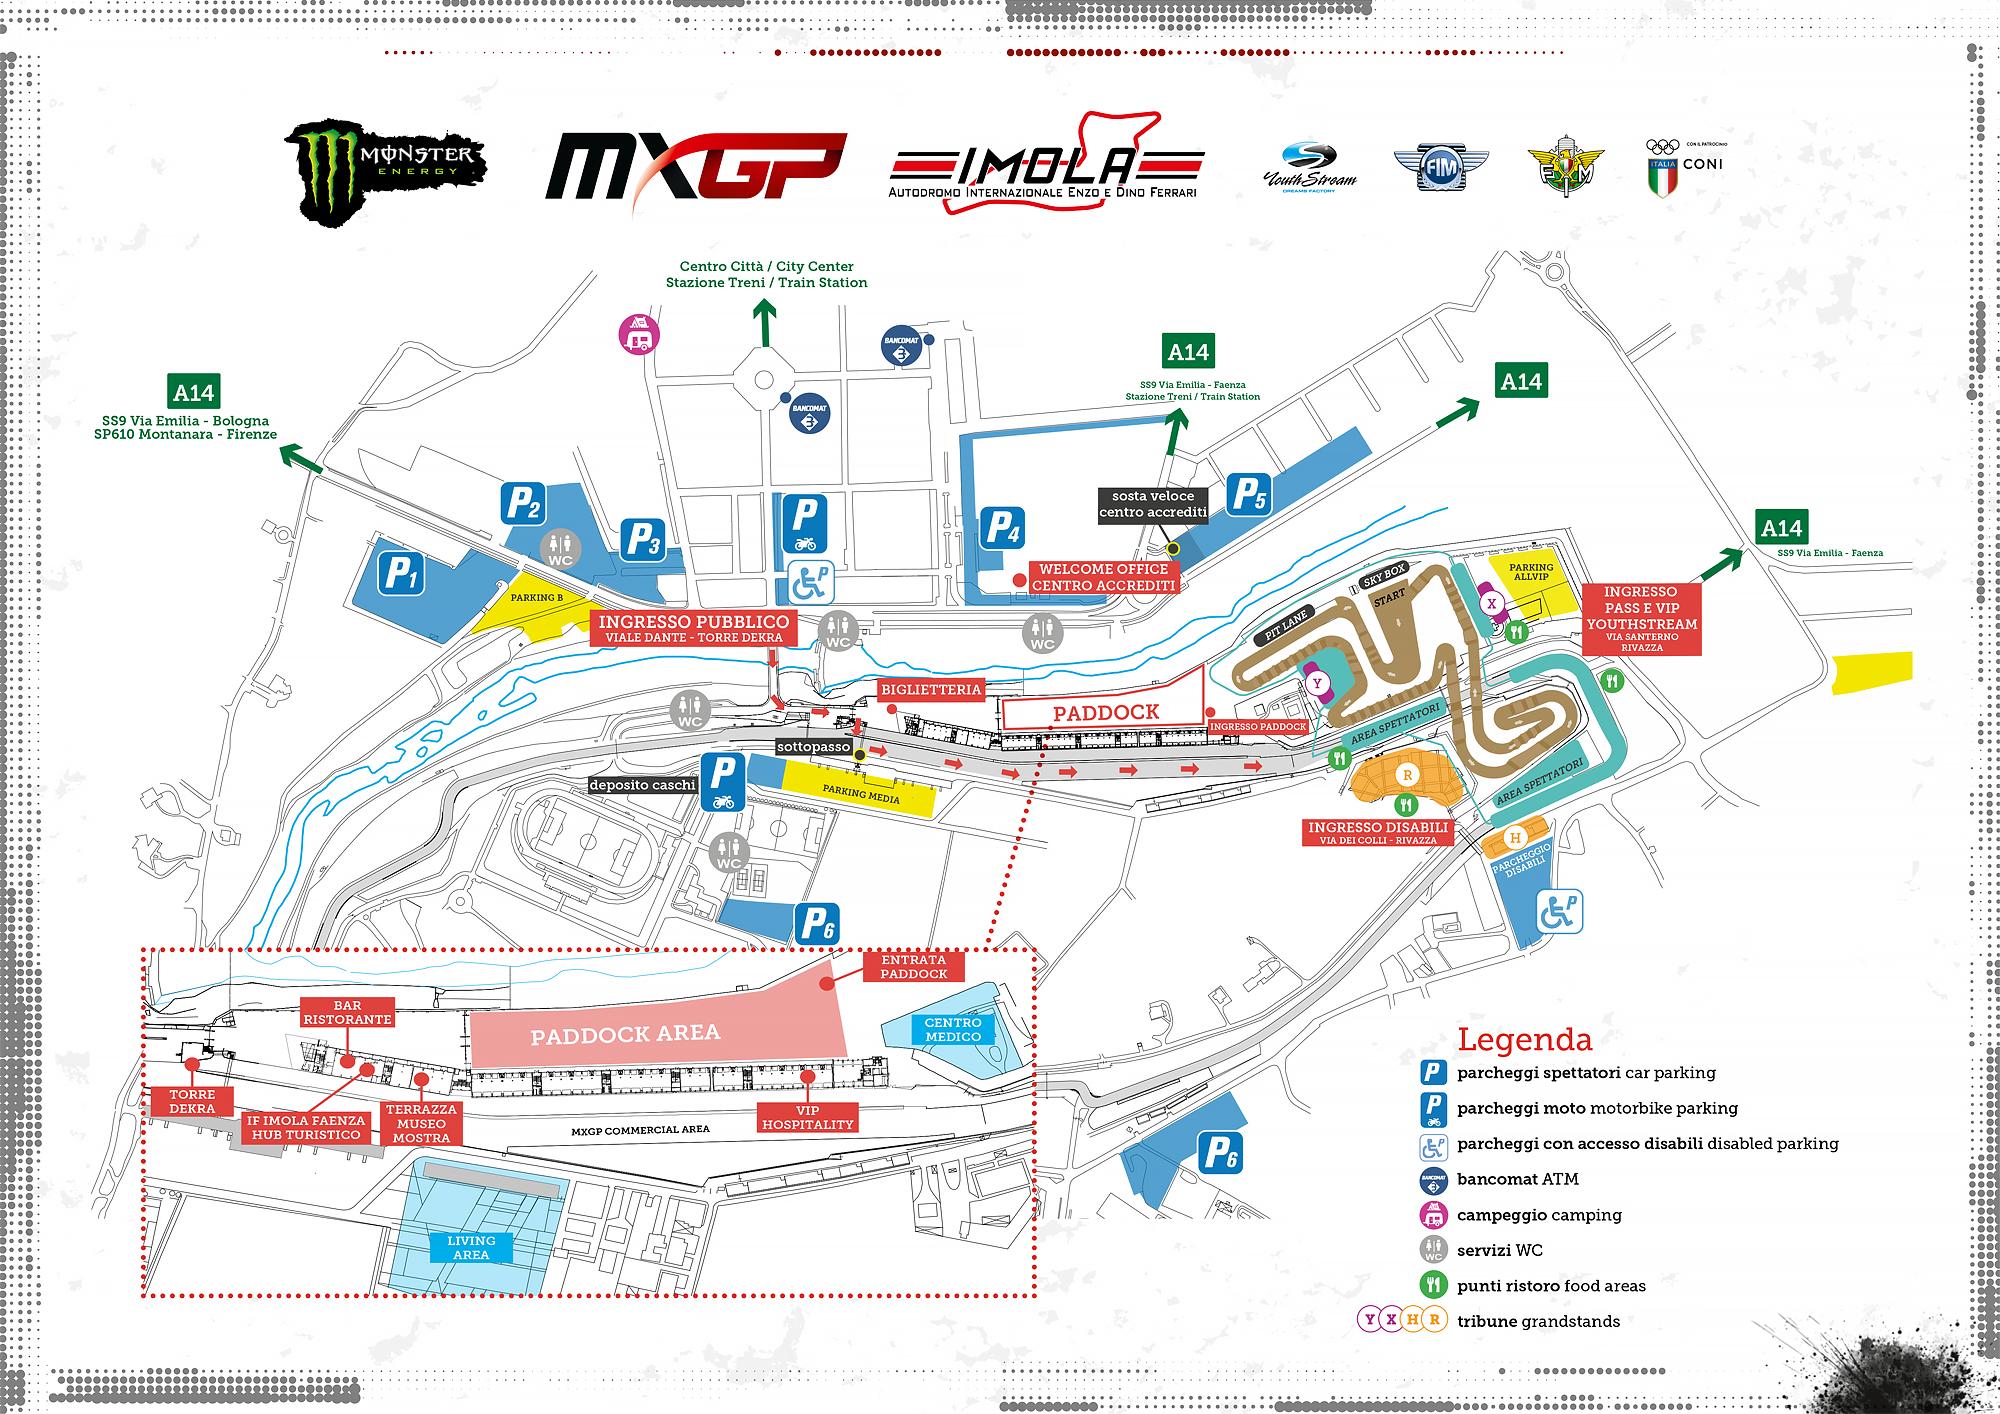 Parking Map MXGP